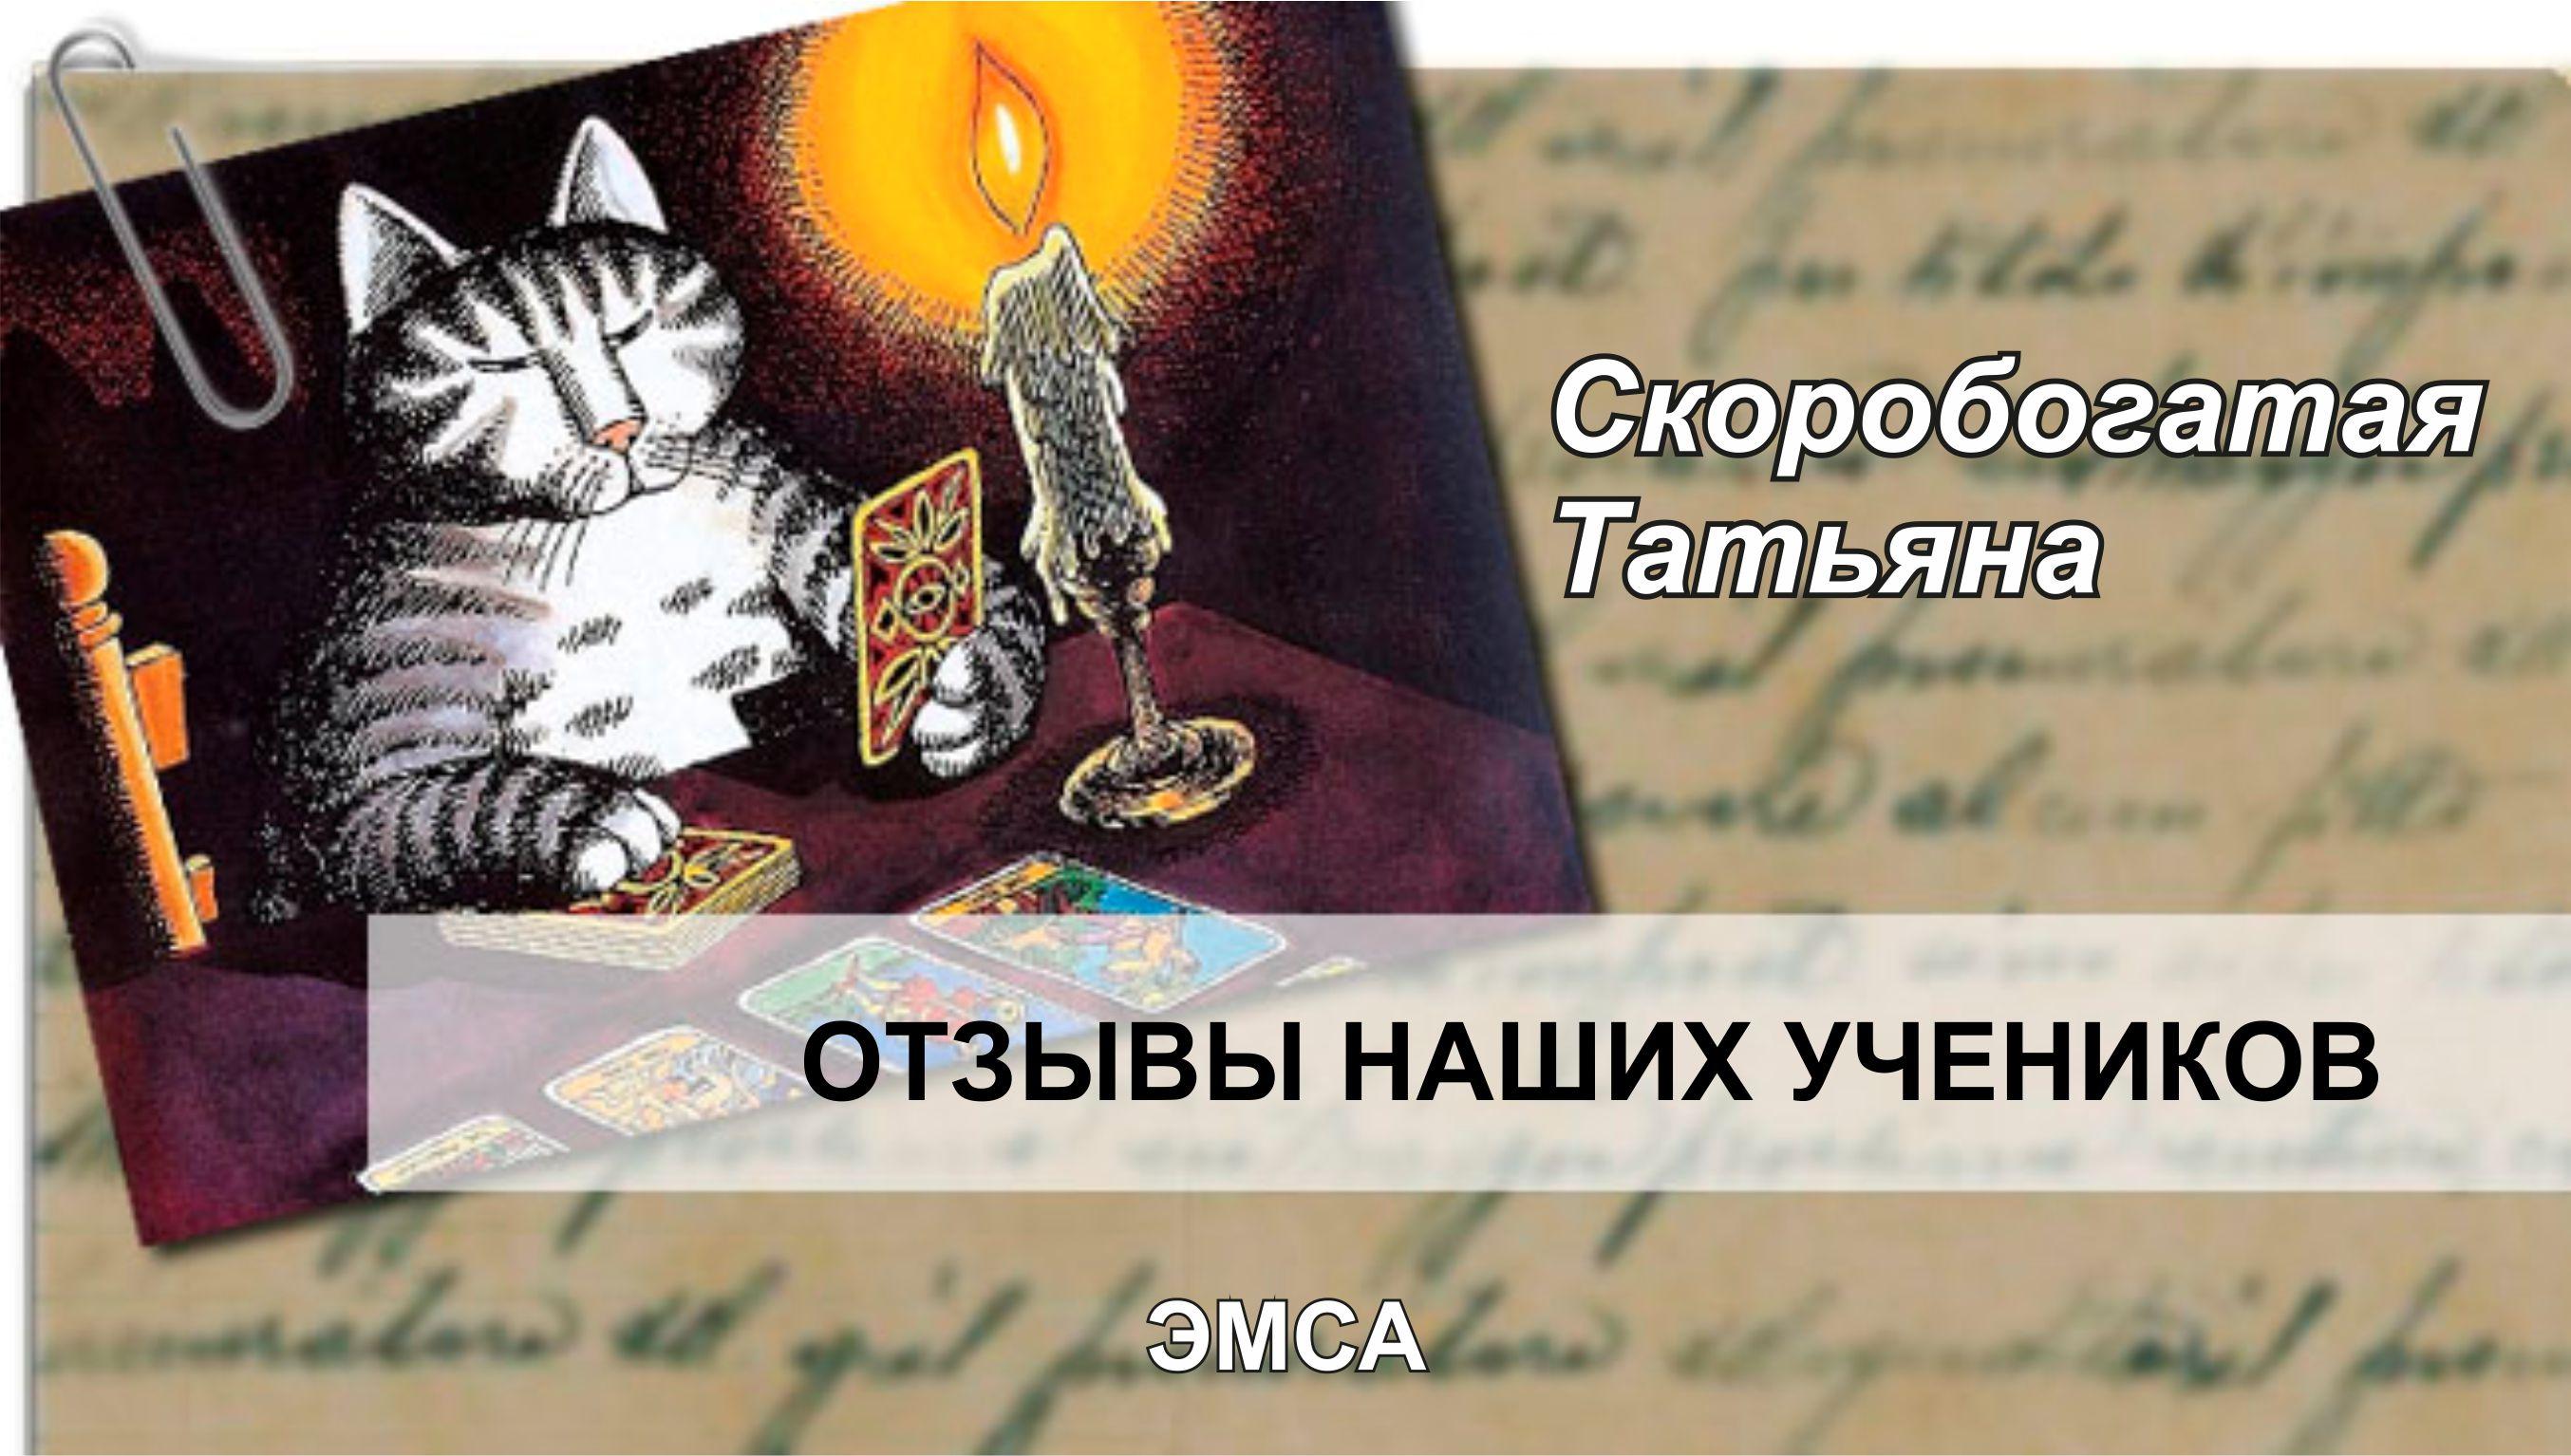 Скоробогатая Татьяна отзыв ЭМСА